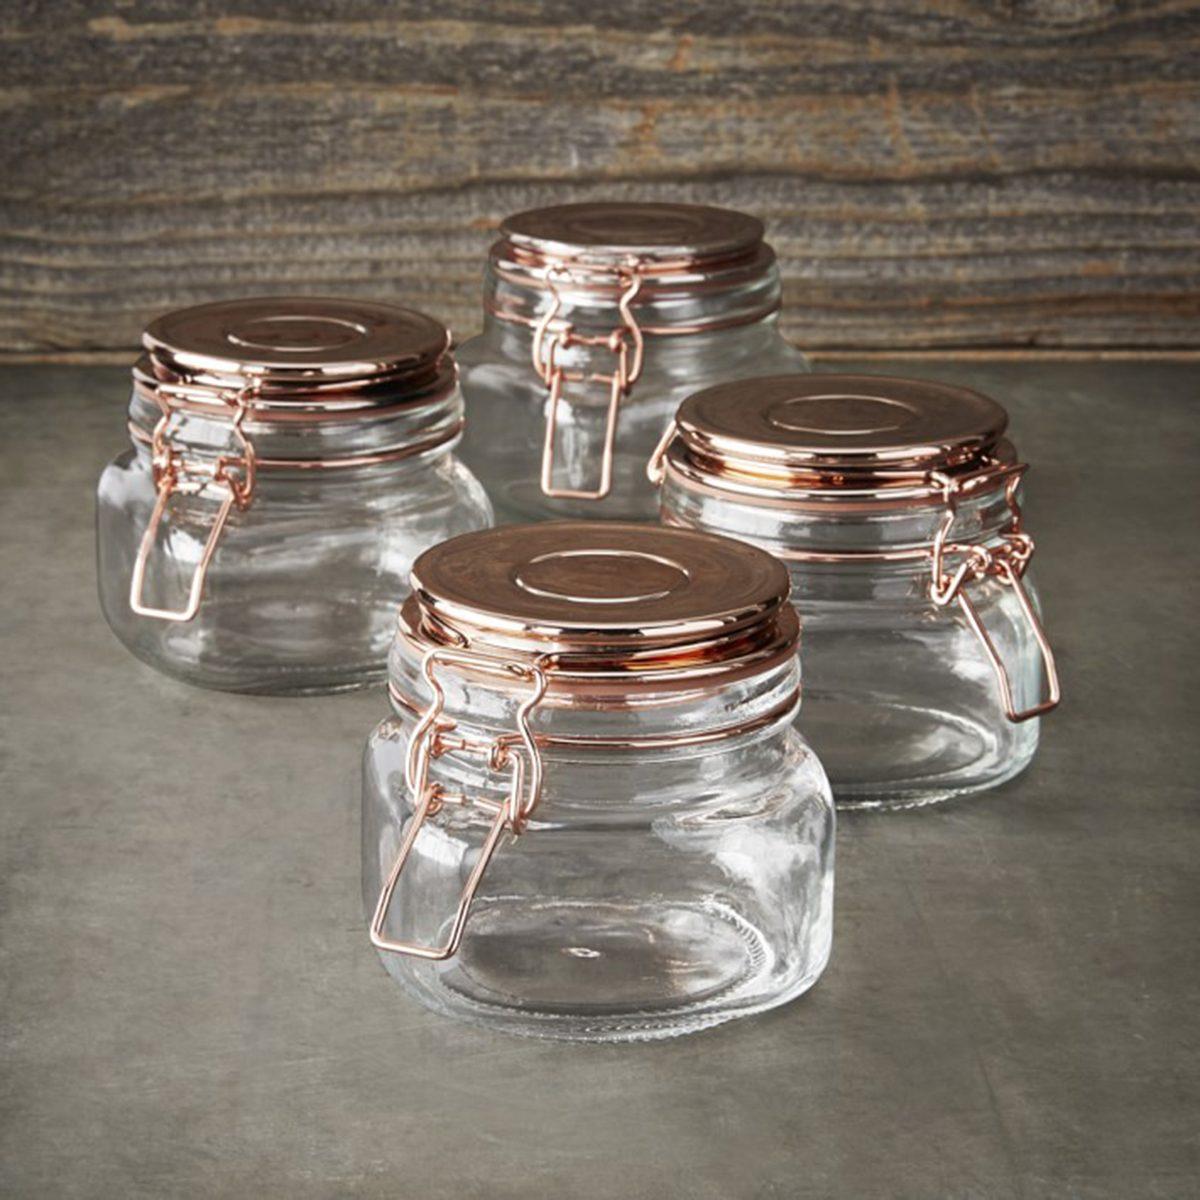 Kinetic Copper Canning Jar Set, 18oz